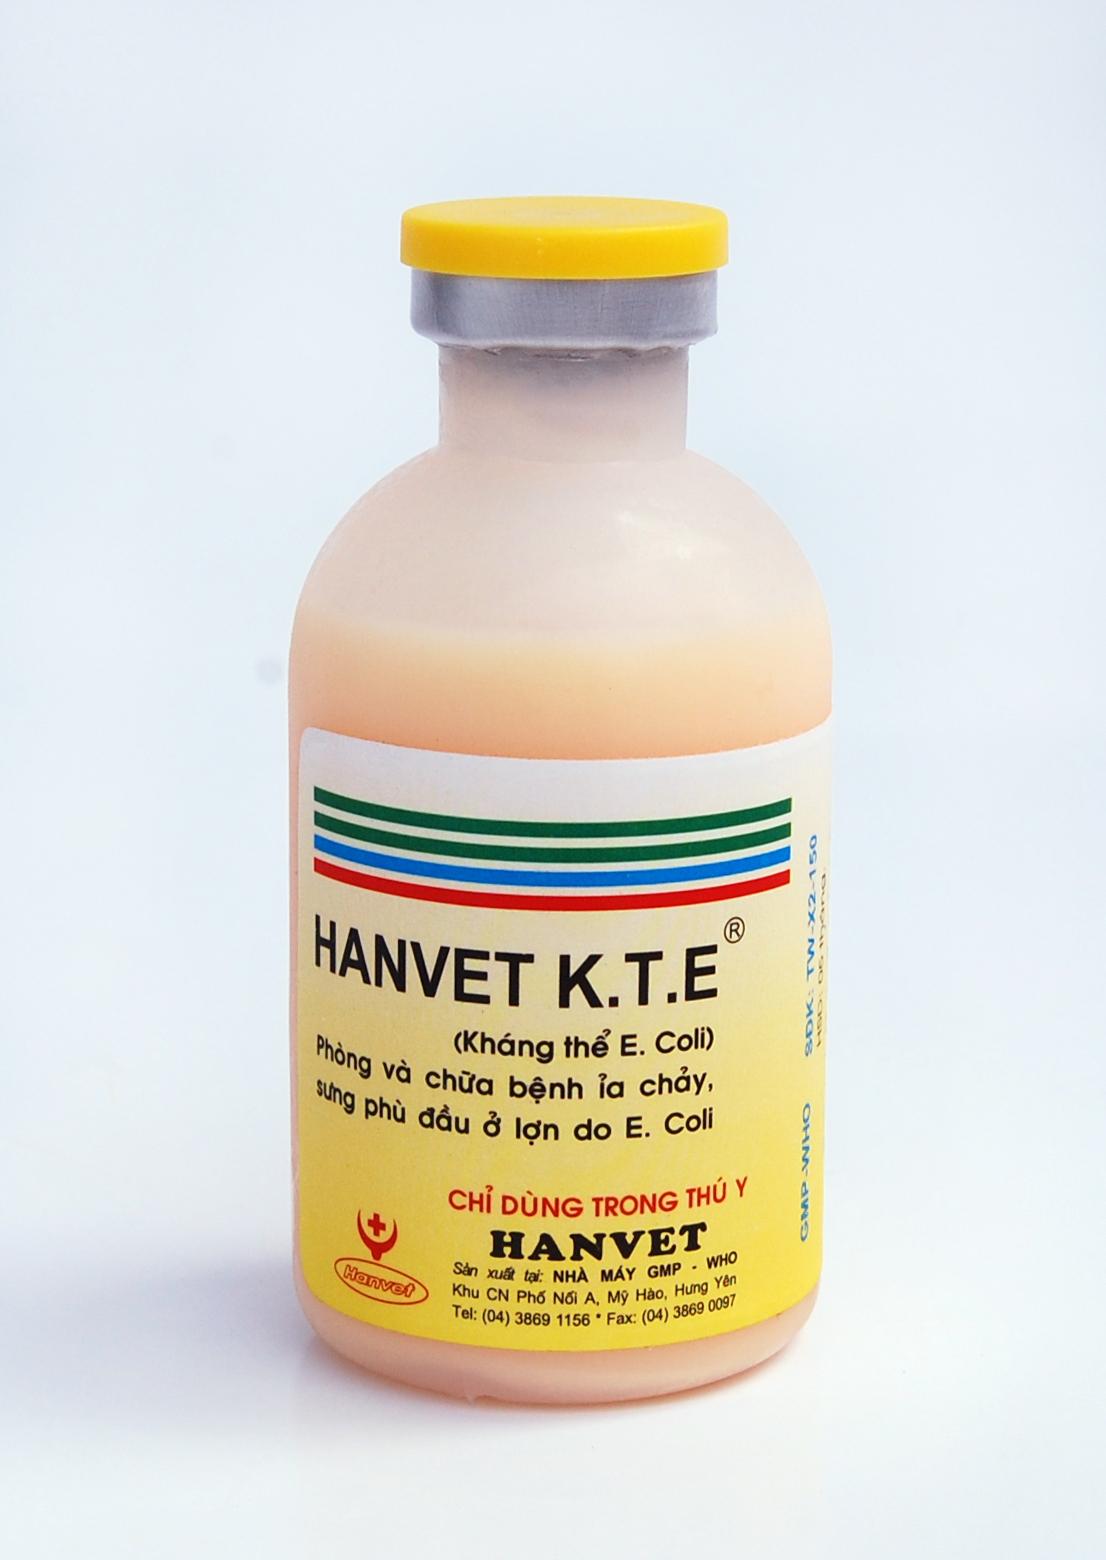 HANVET K.T.E